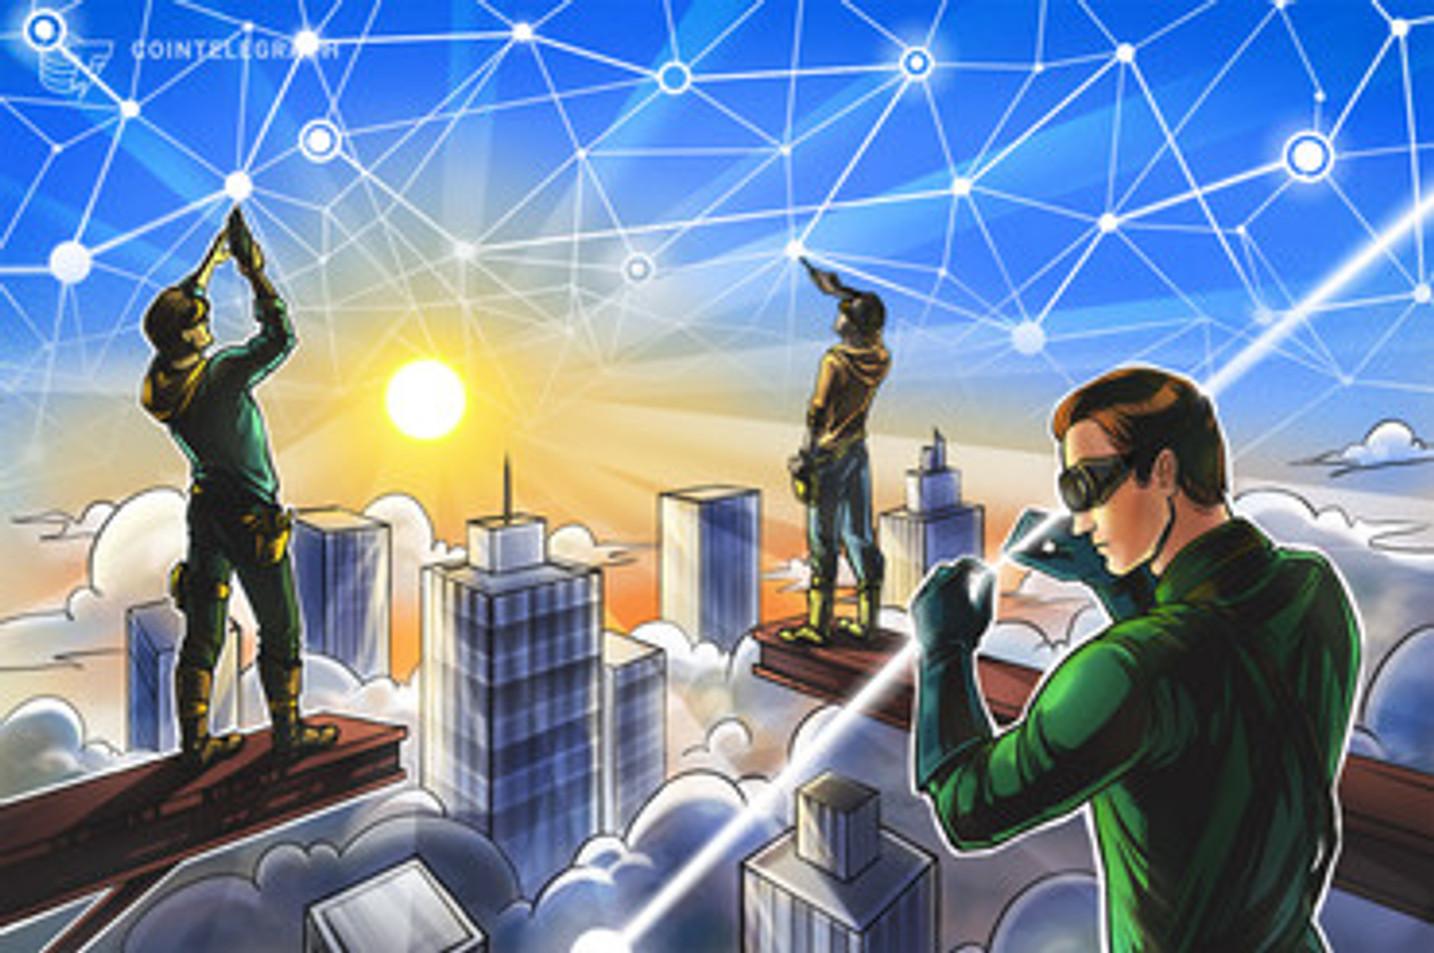 정부, 1133억원 들여 블록체인 원천기술 개발 나선다